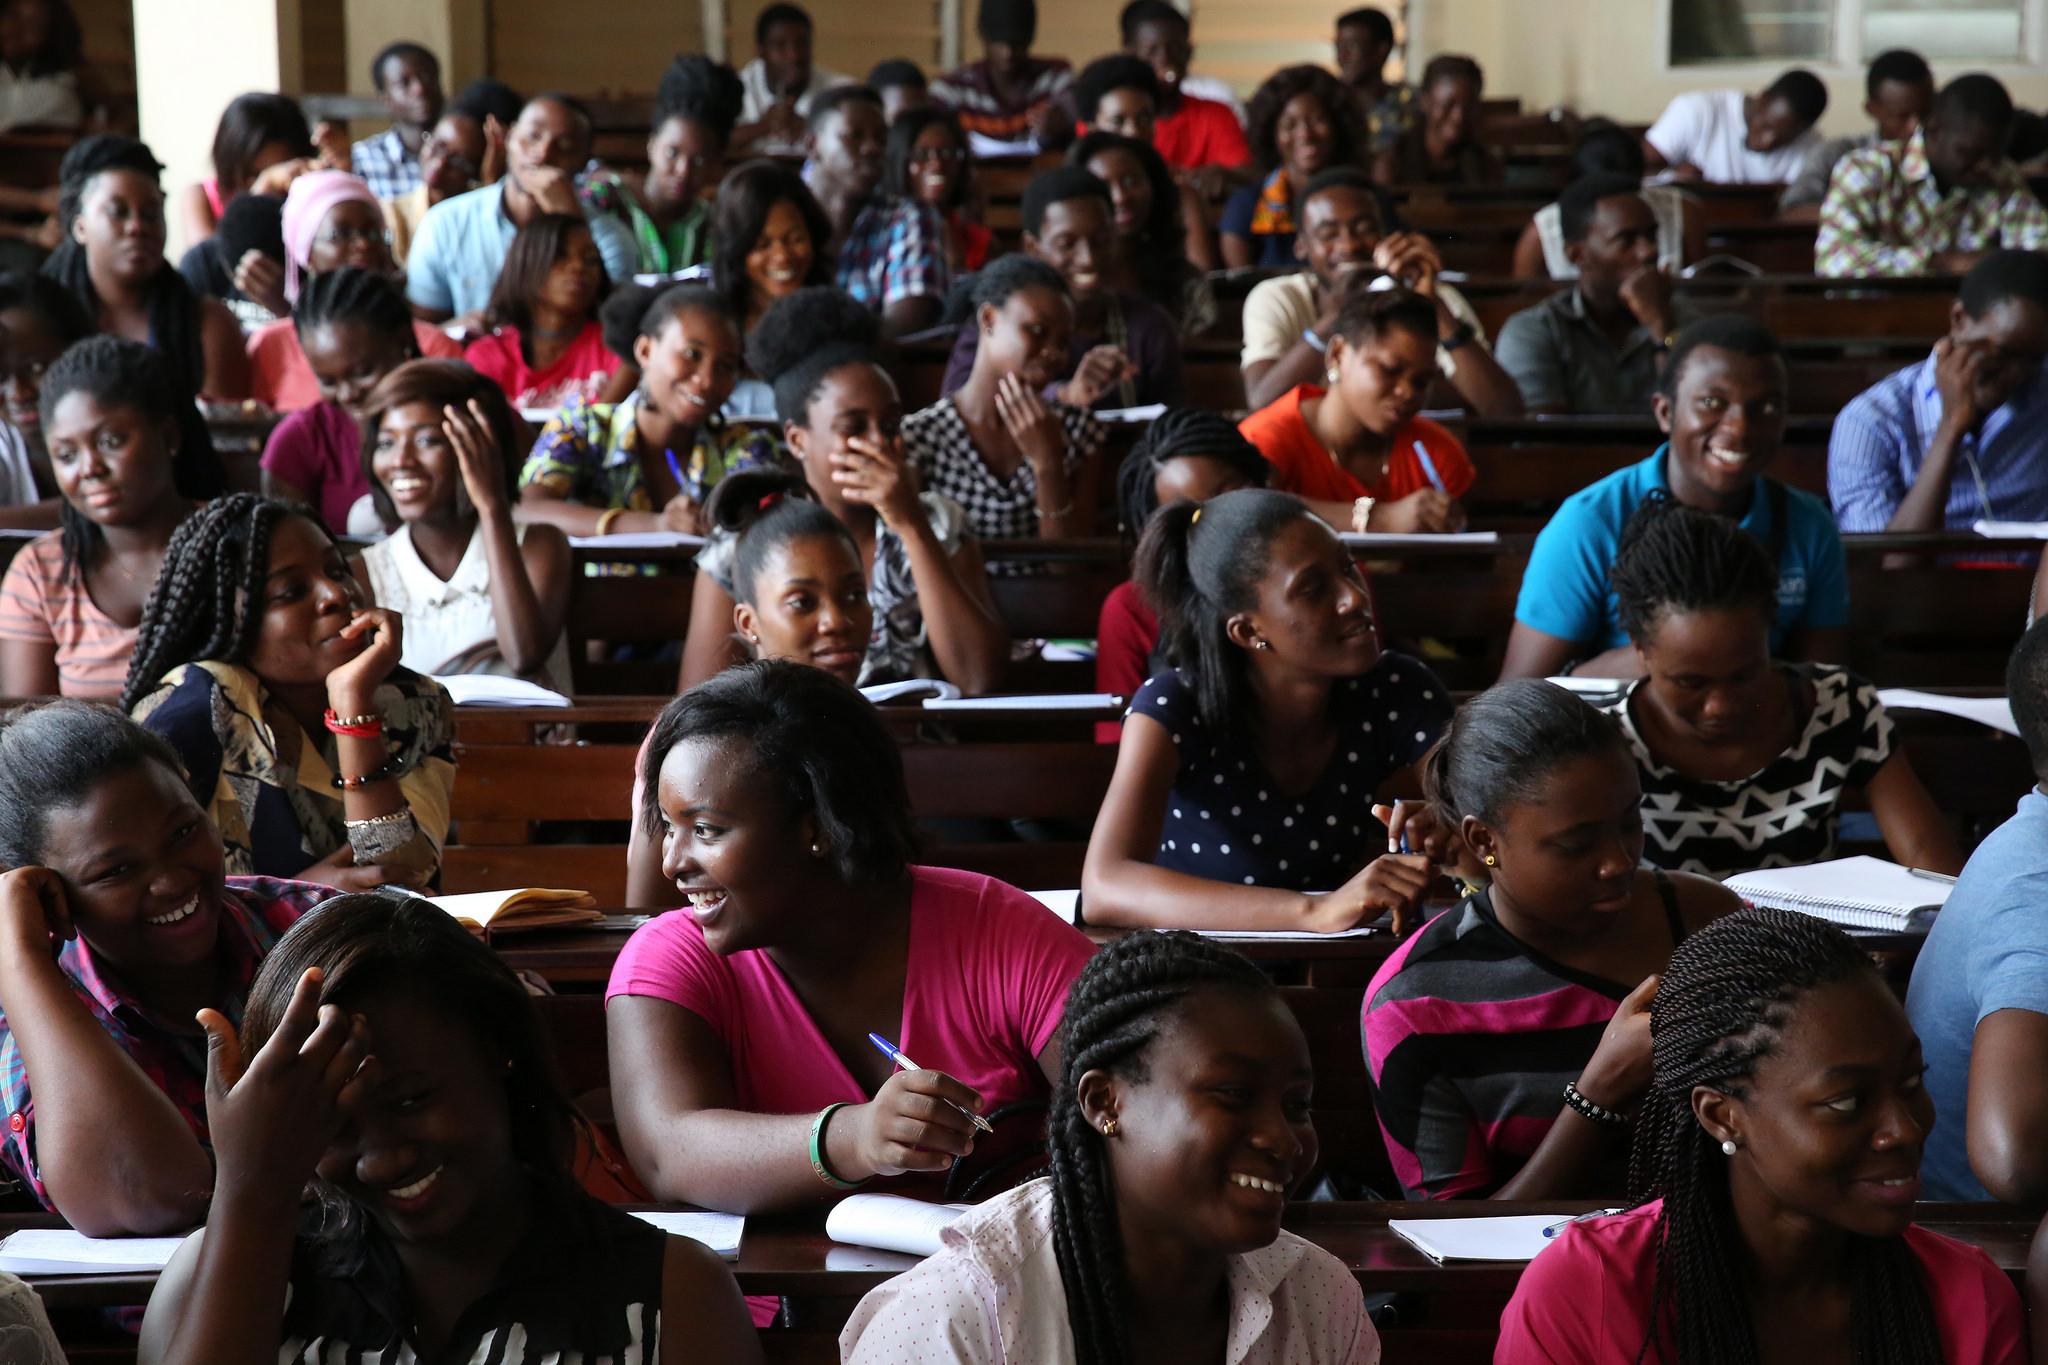 Bet9ja complements government effort towards job creation